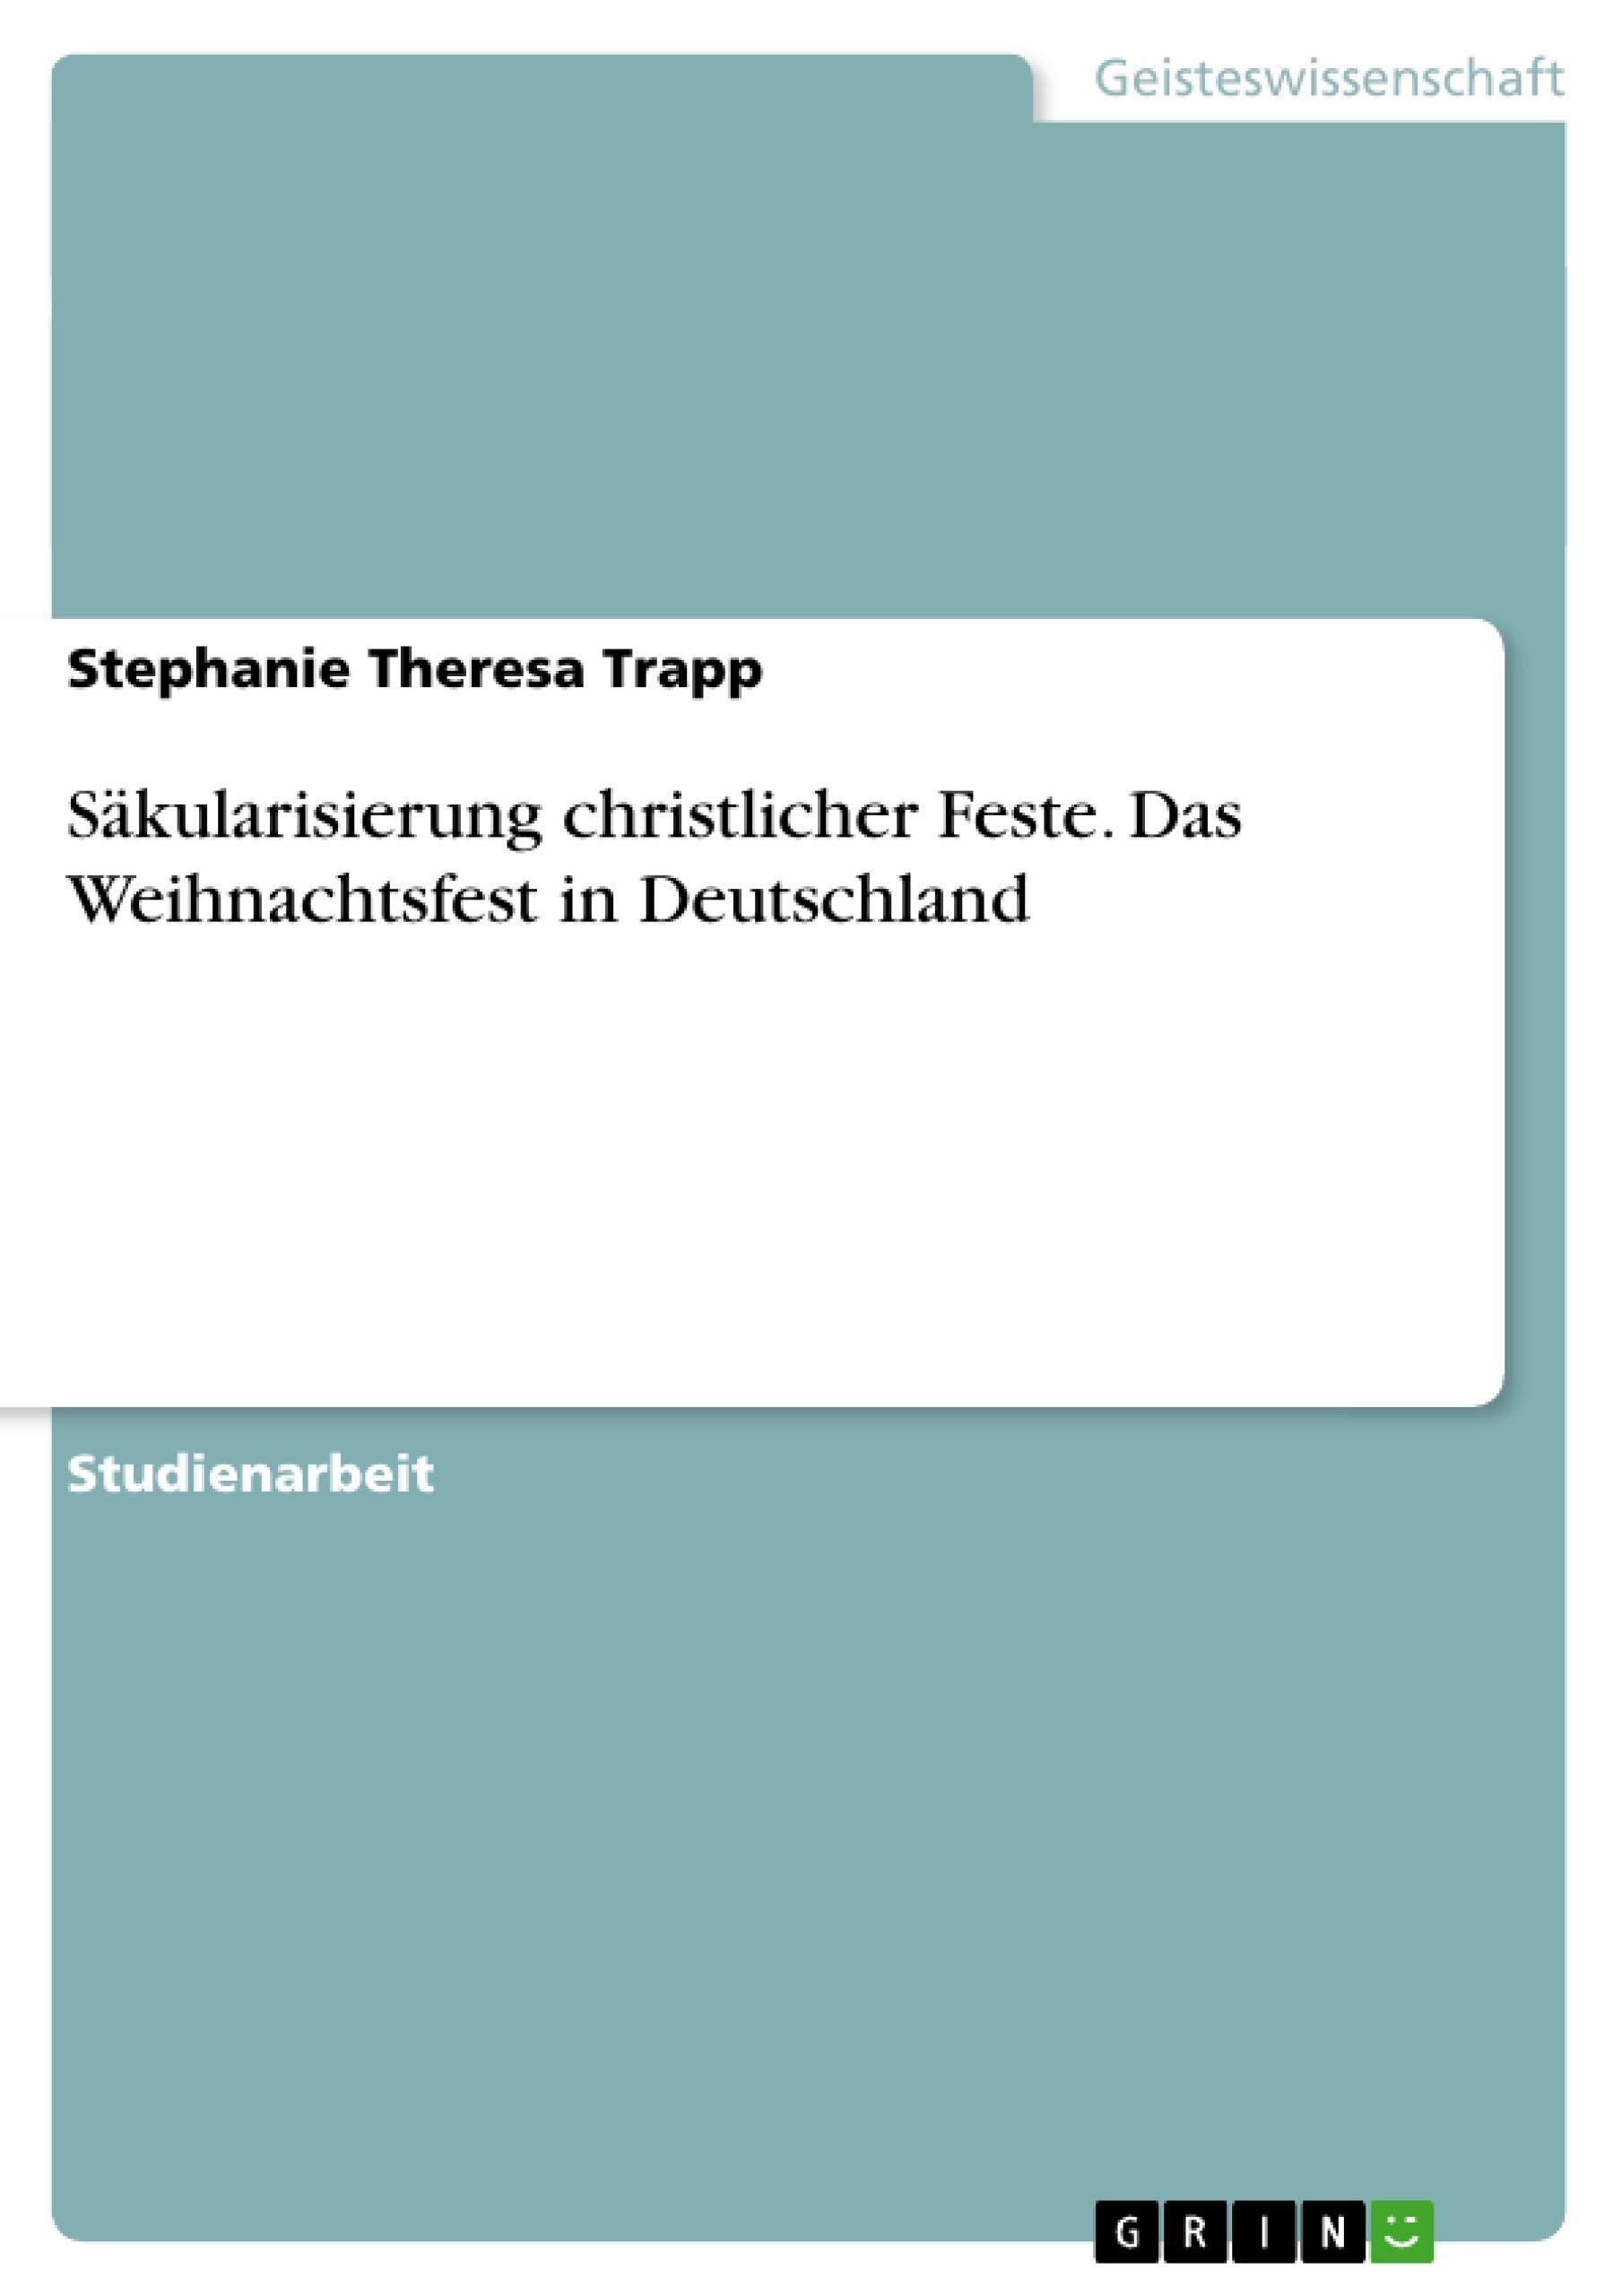 Titel: Säkularisierung christlicher Feste. Das Weihnachtsfest in Deutschland